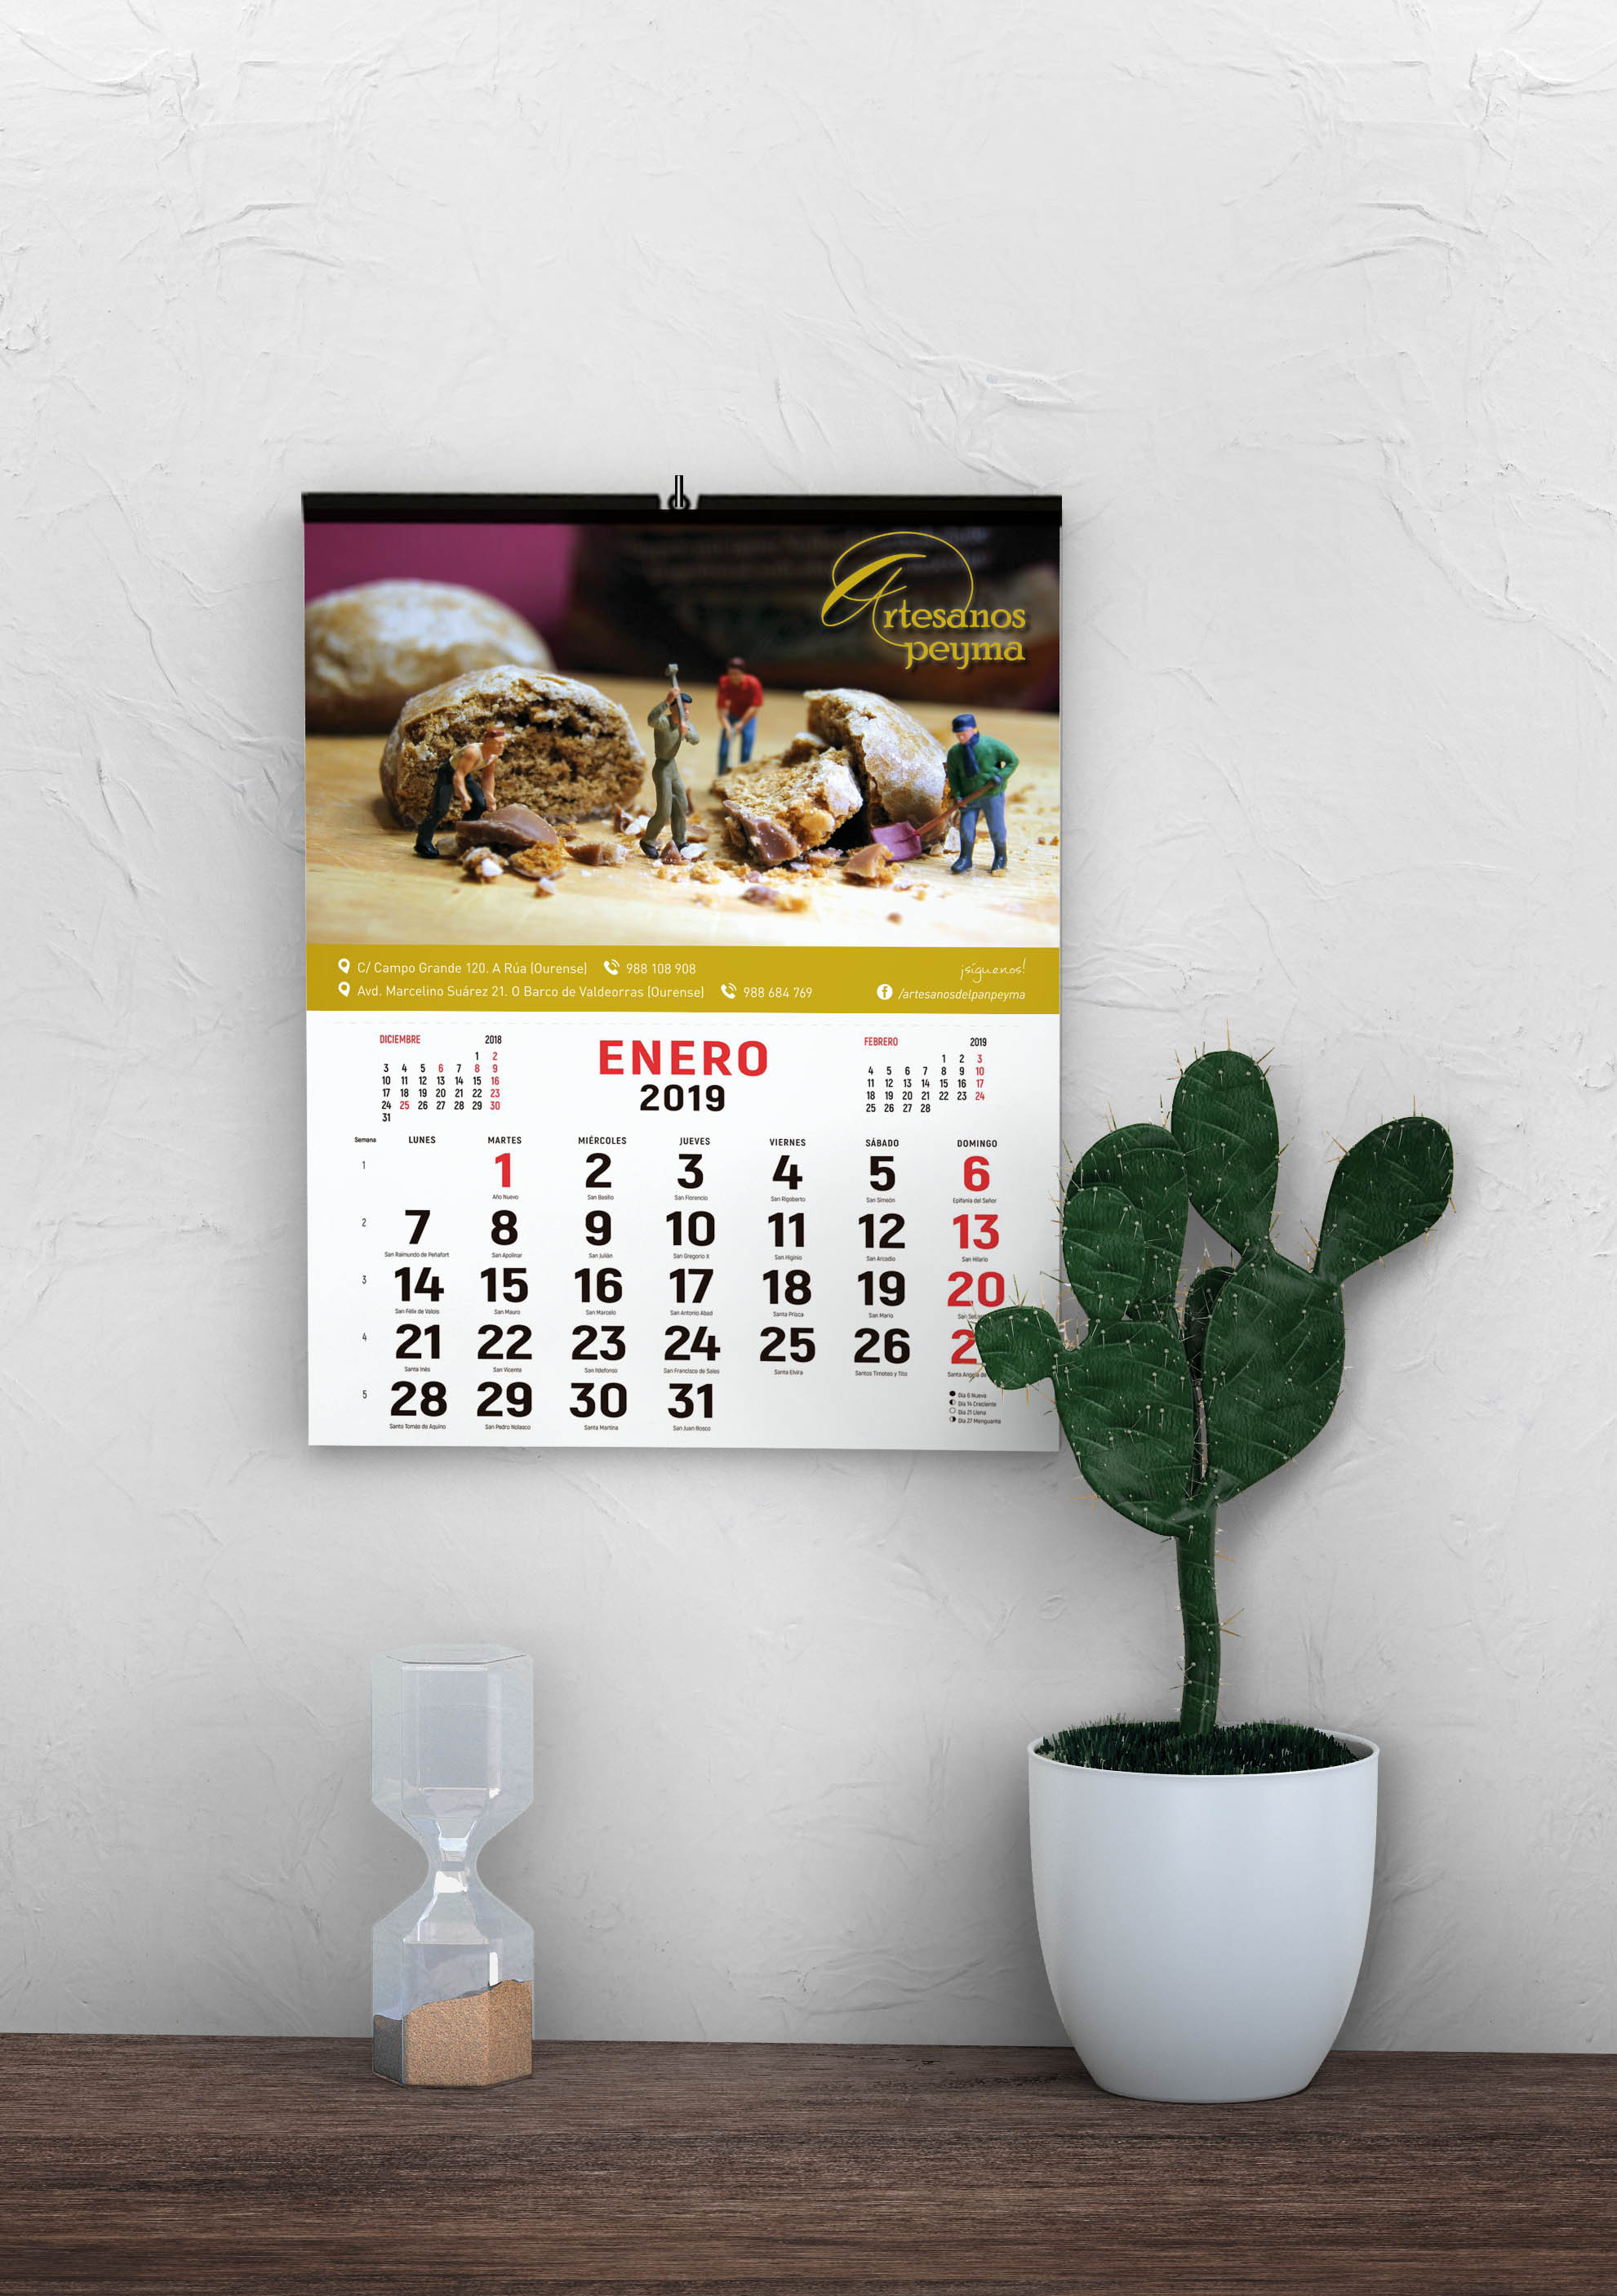 Calendarios de Pared-Artesanos Peyma-diseño-editorial-maquetación-diseño-gráfico-publicidad-cartelería-identidad-corporativa-xaniño-A-coruña